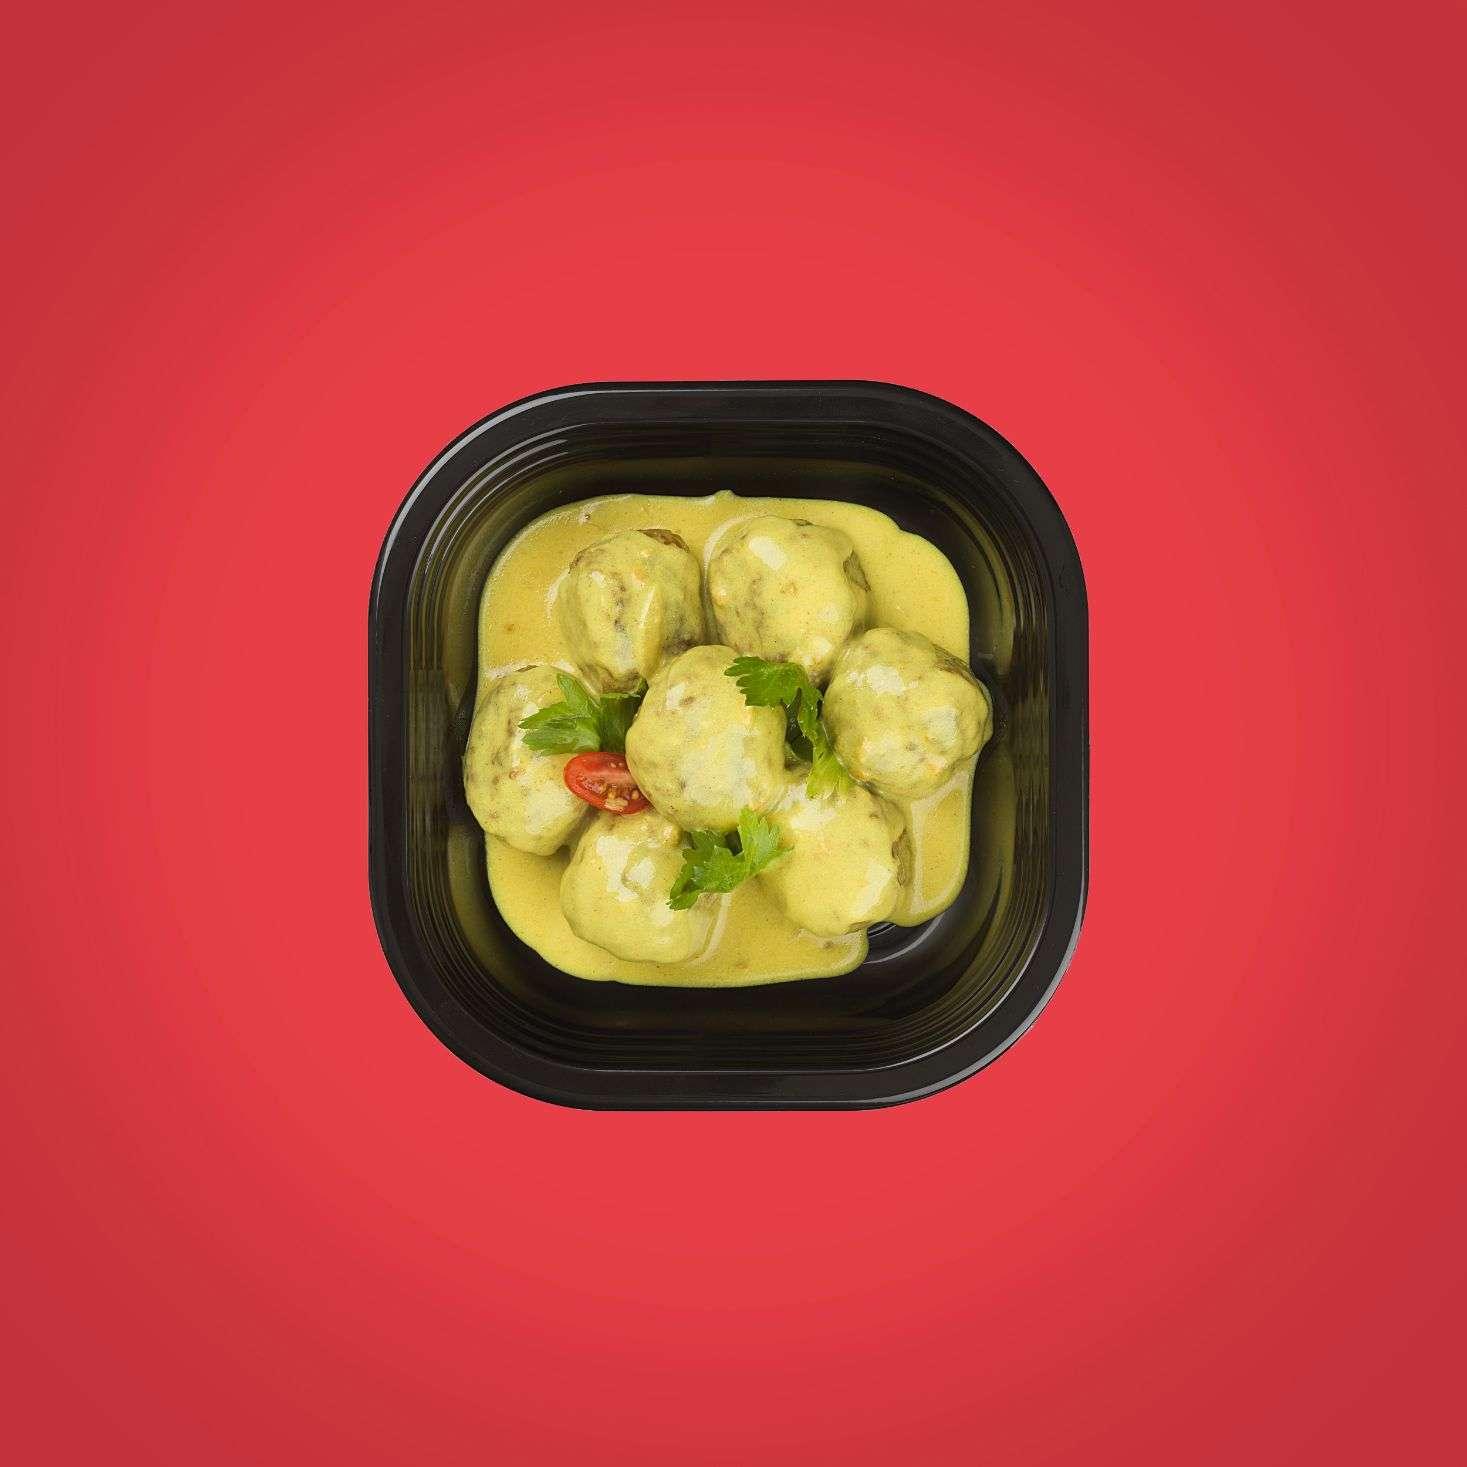 polpette di vitello al curry piatti pronti a domicilio senza glutine